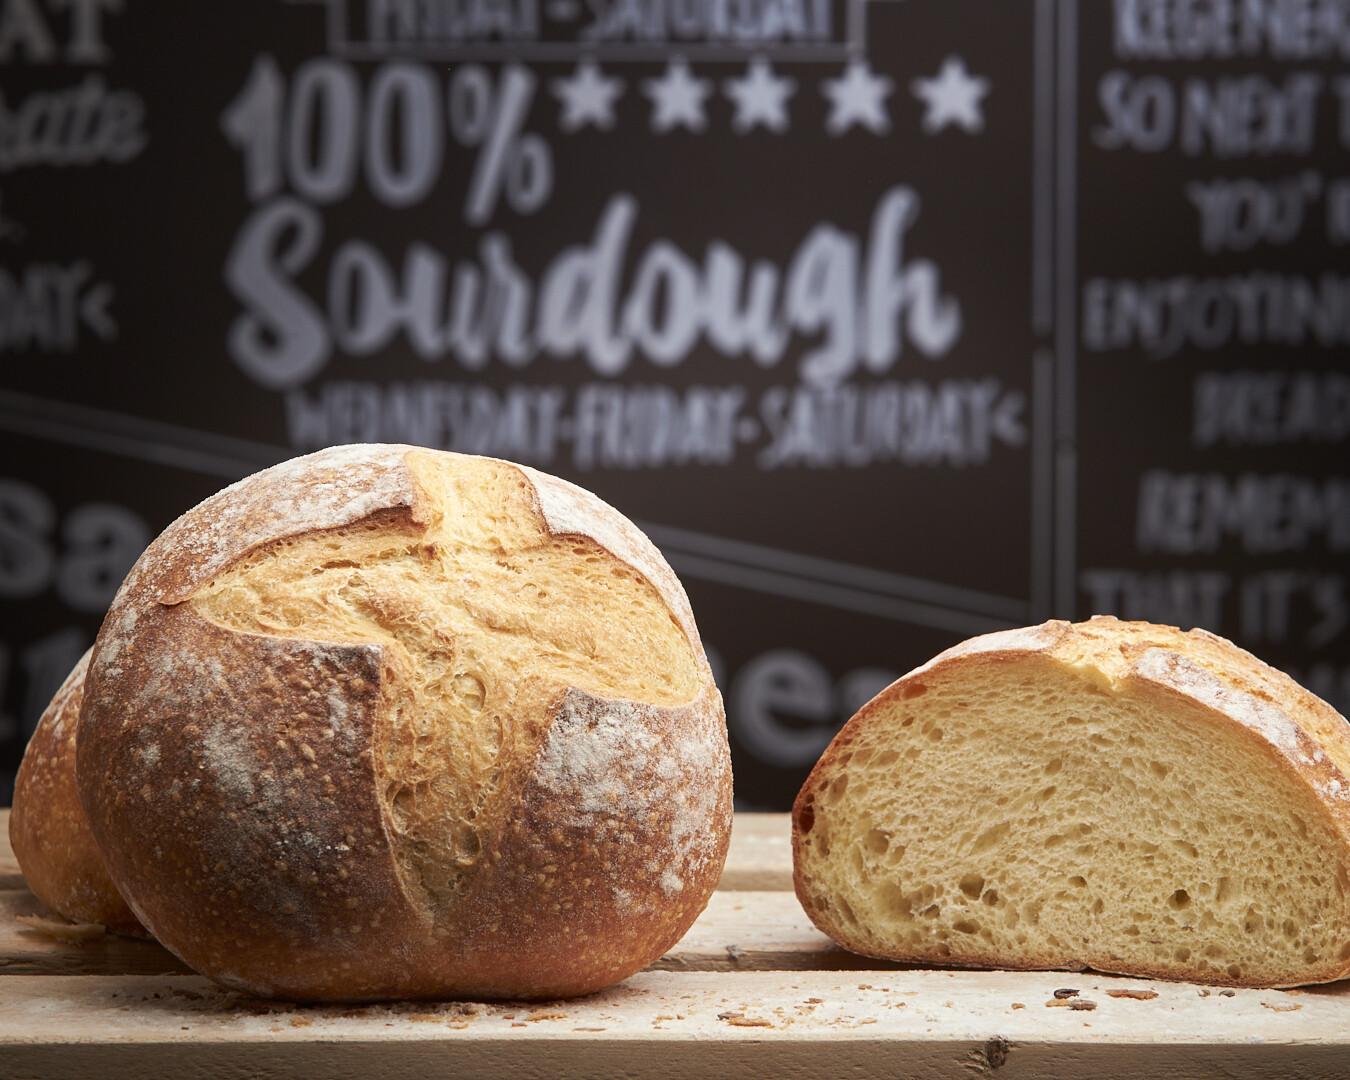 100% SOURDOUGH SEMOLINA- durum wheat flour-